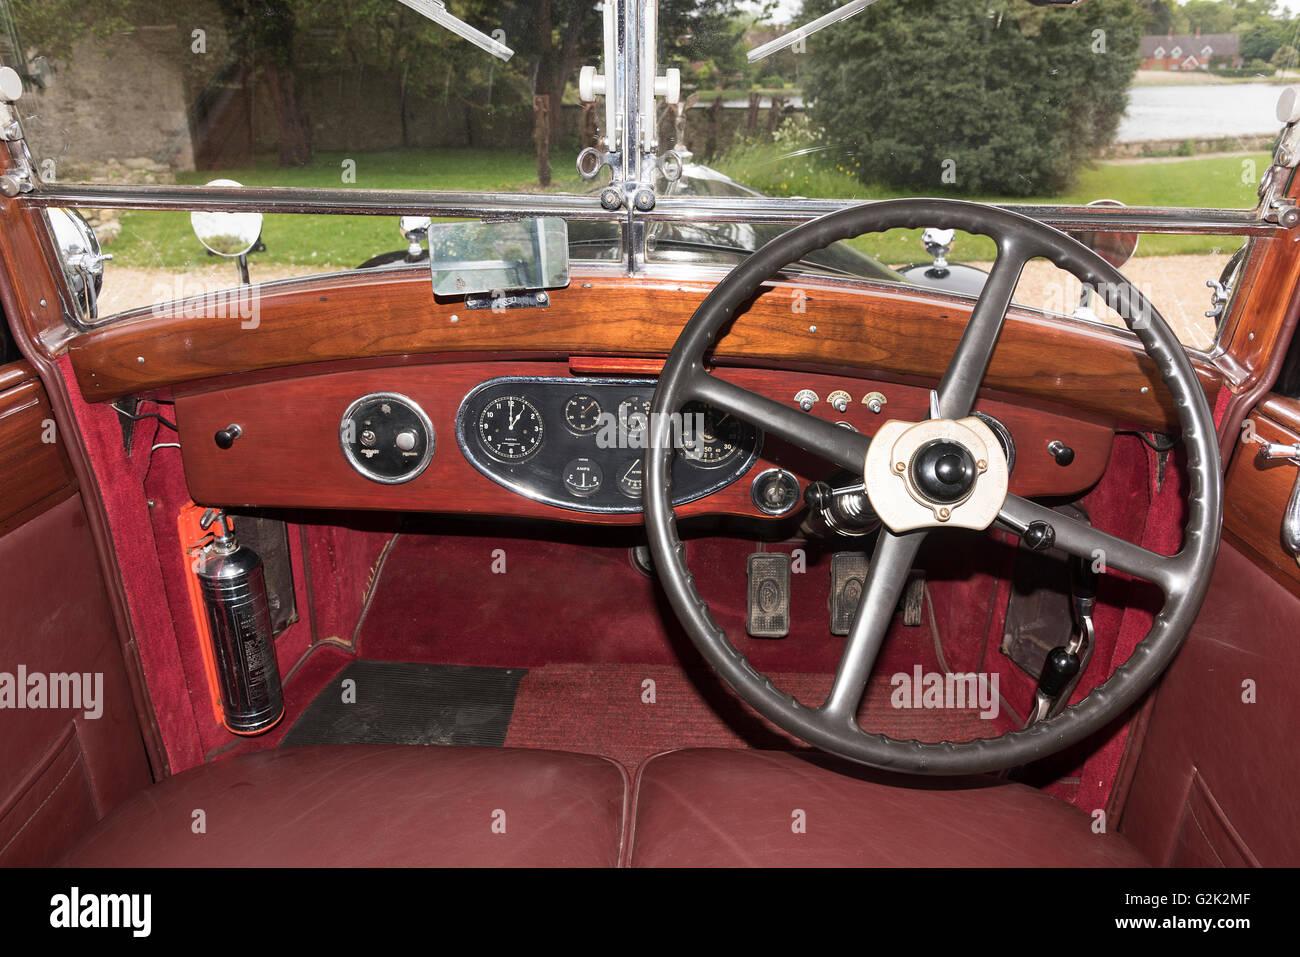 1933 Rolls Royce Phantom II Sedanca de Ville interior Imagen De Stock